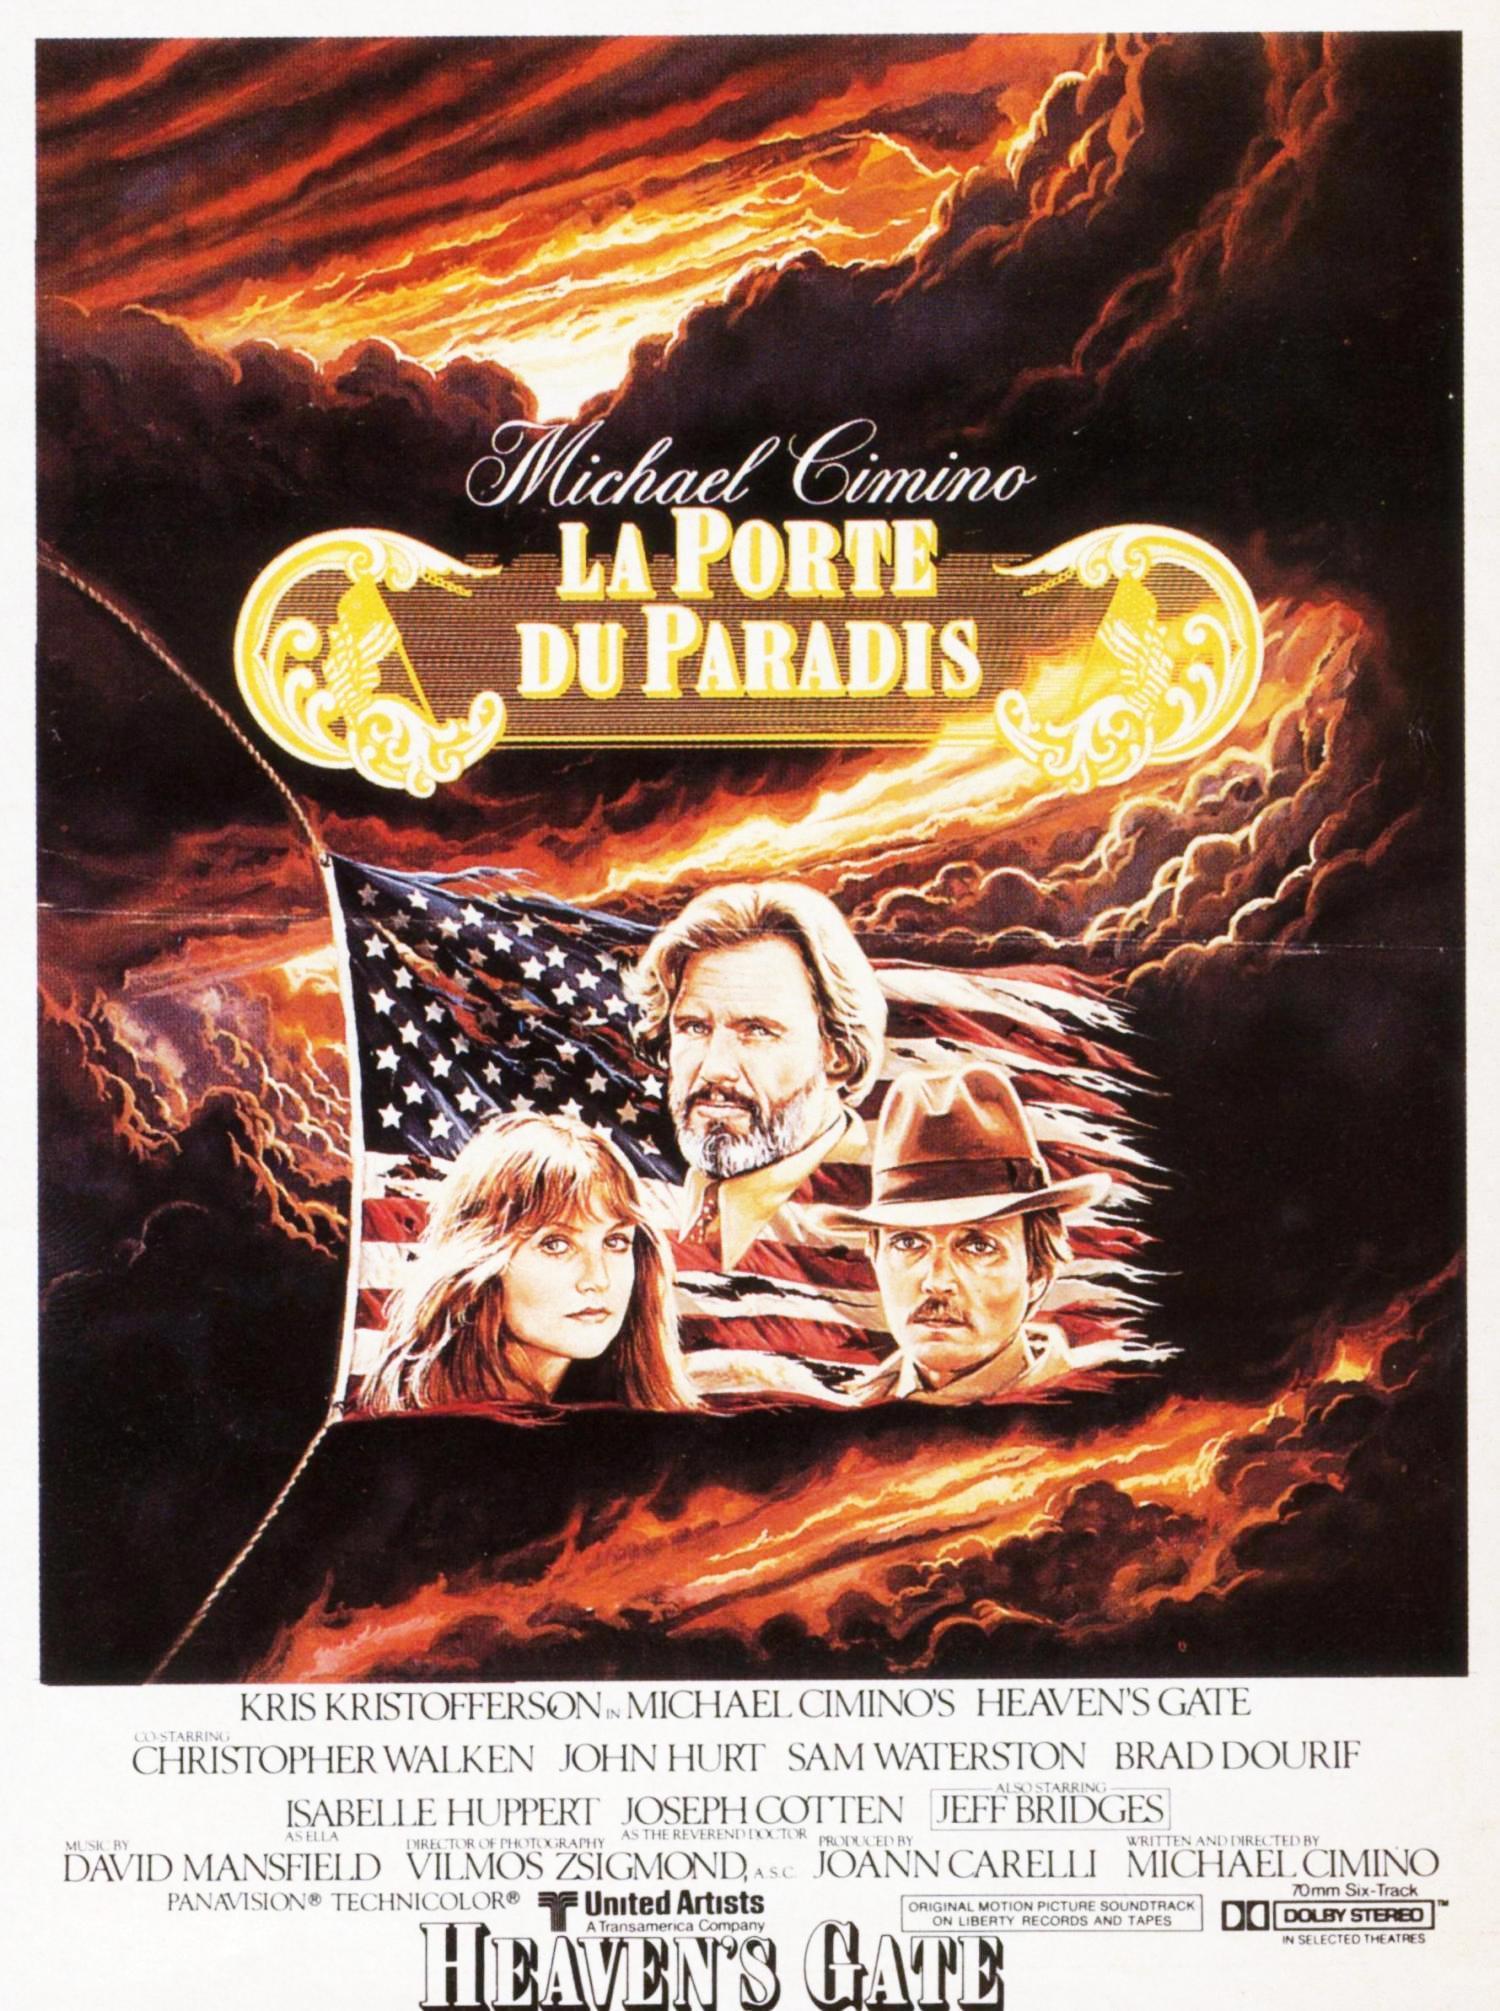 affiche du film La Porte du paradis